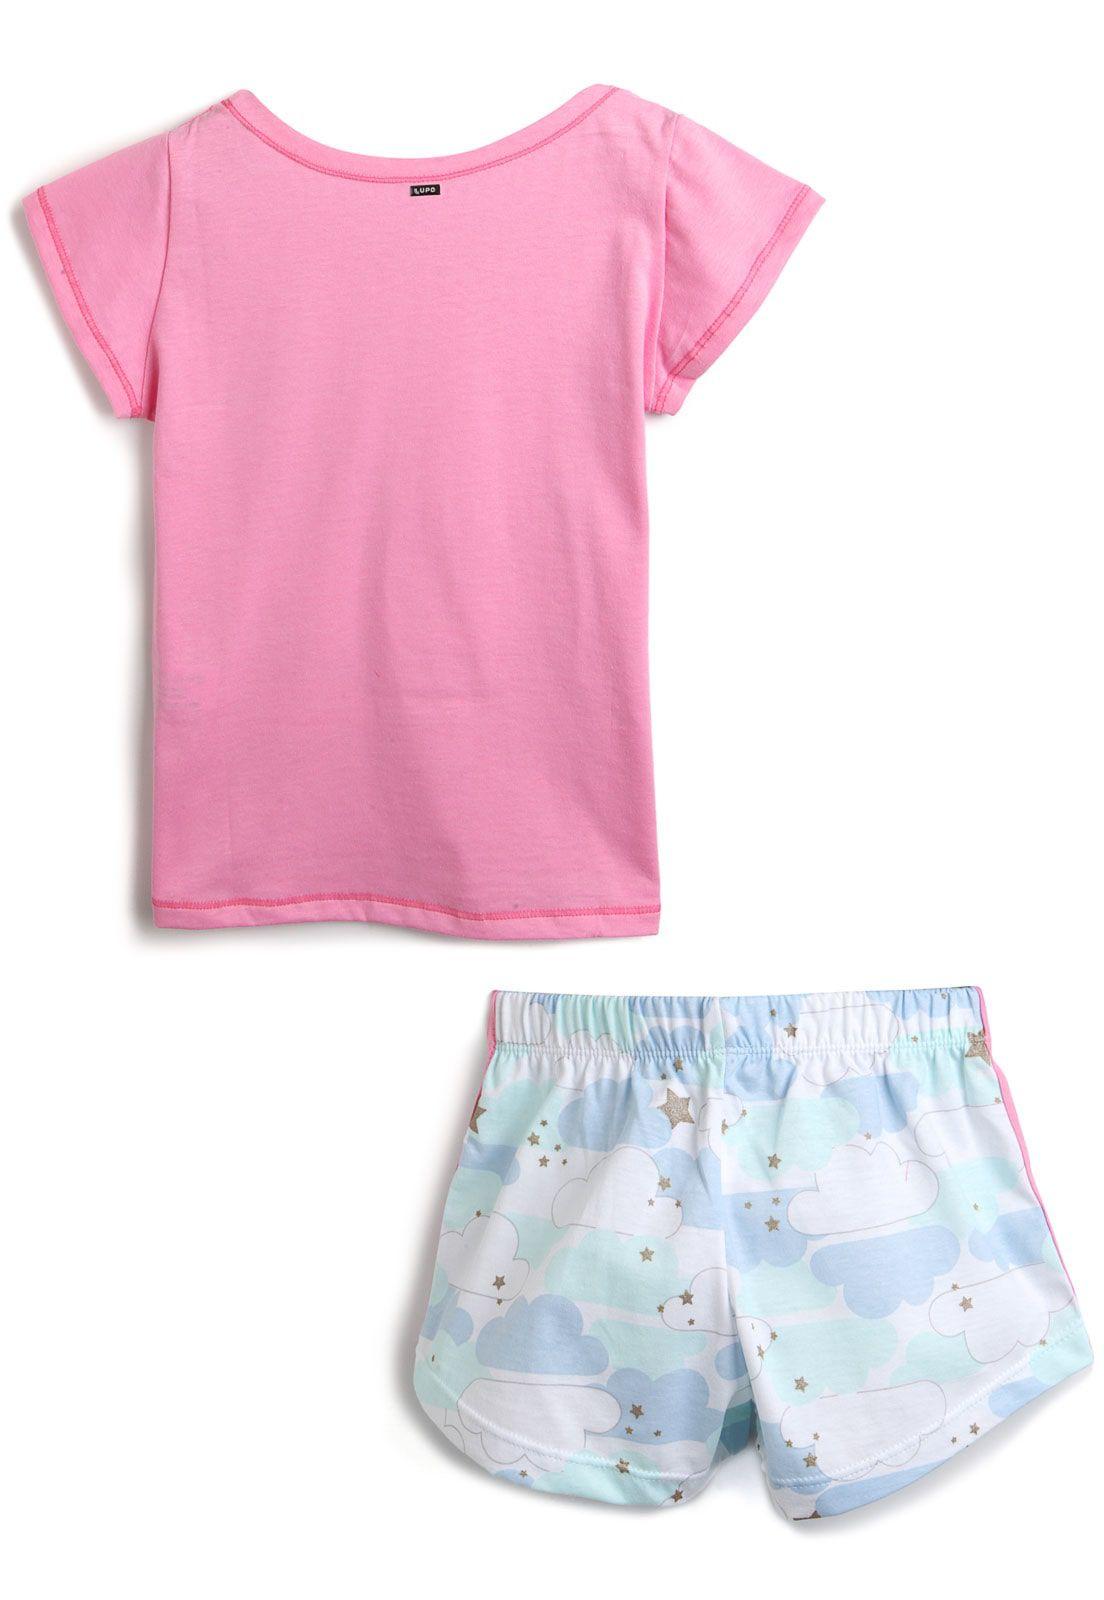 Pijama Infantil Lupo Curto Elefante Rosa e Azul 100% algodão